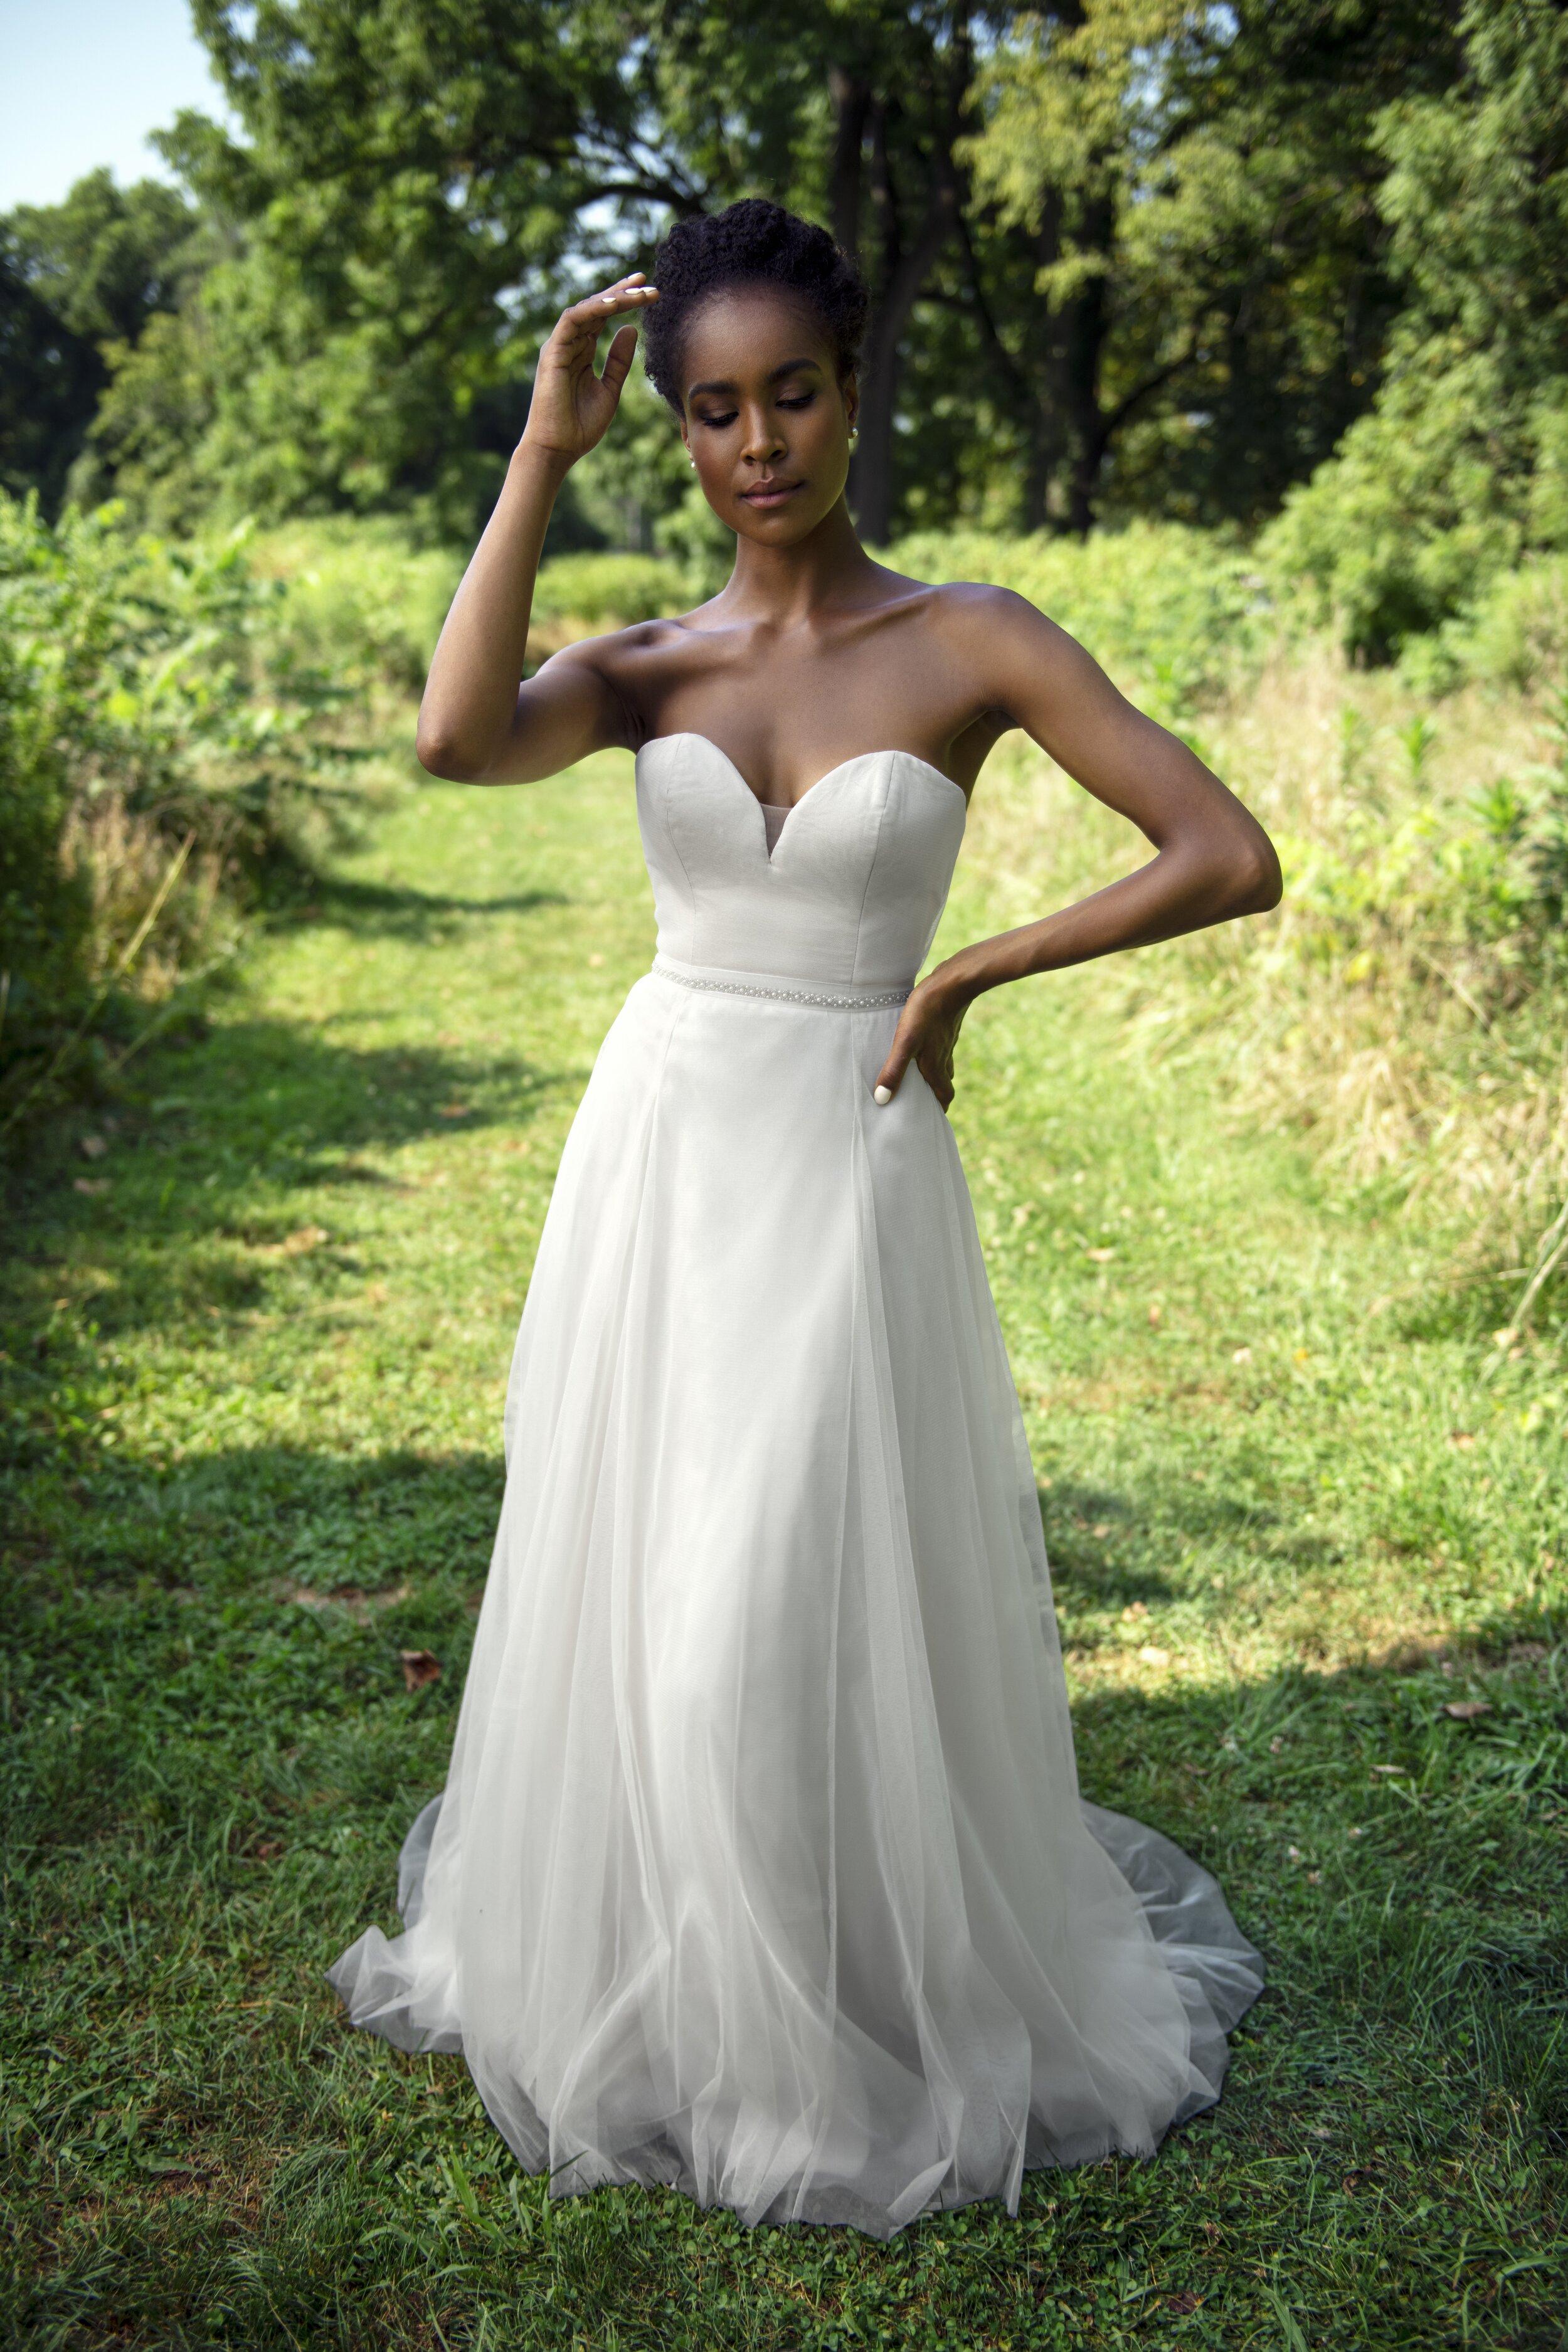 Amelia Dress Size 0_Full Front v2.jpg